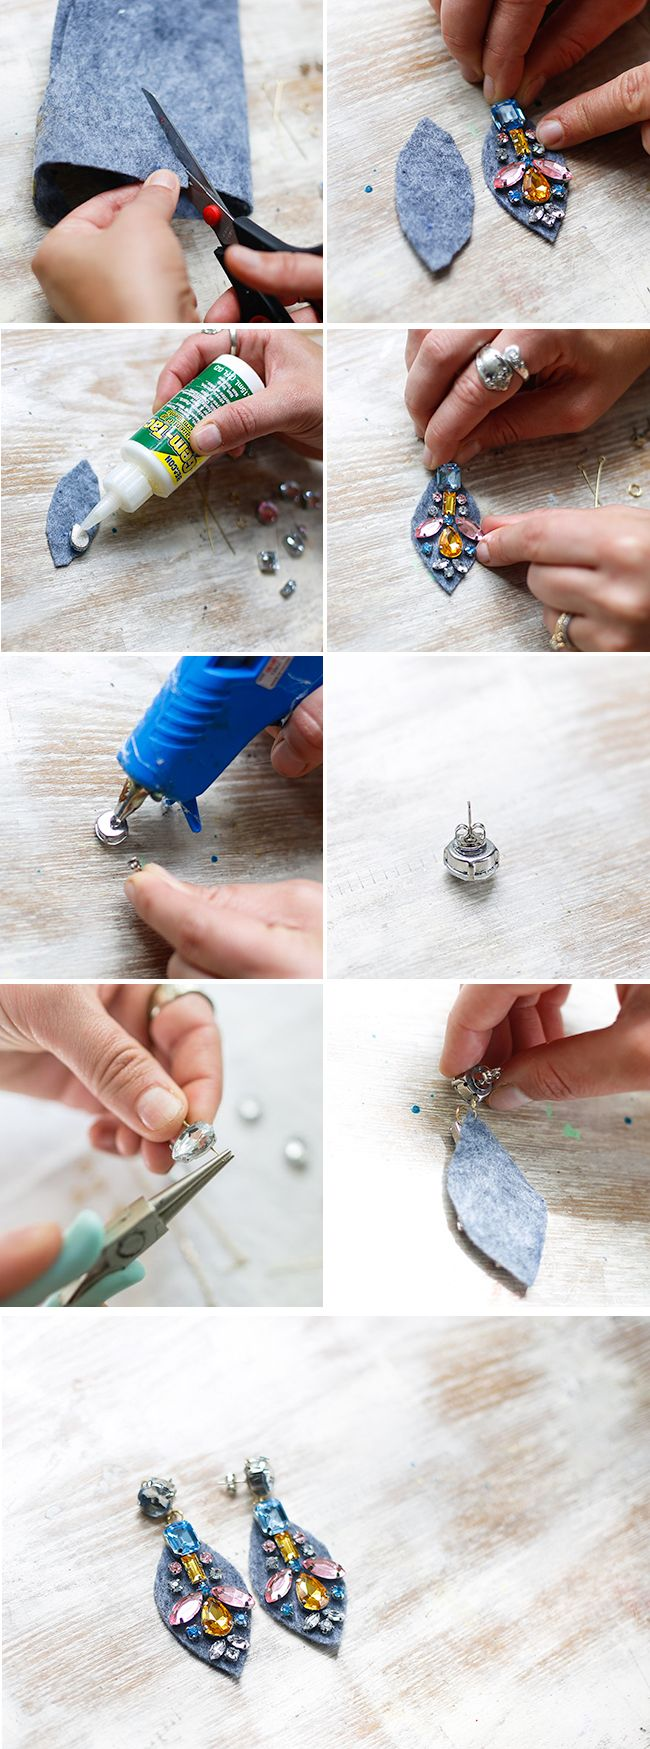 DIY J. CREW JEWEL EARRINGS - #diy, earrings